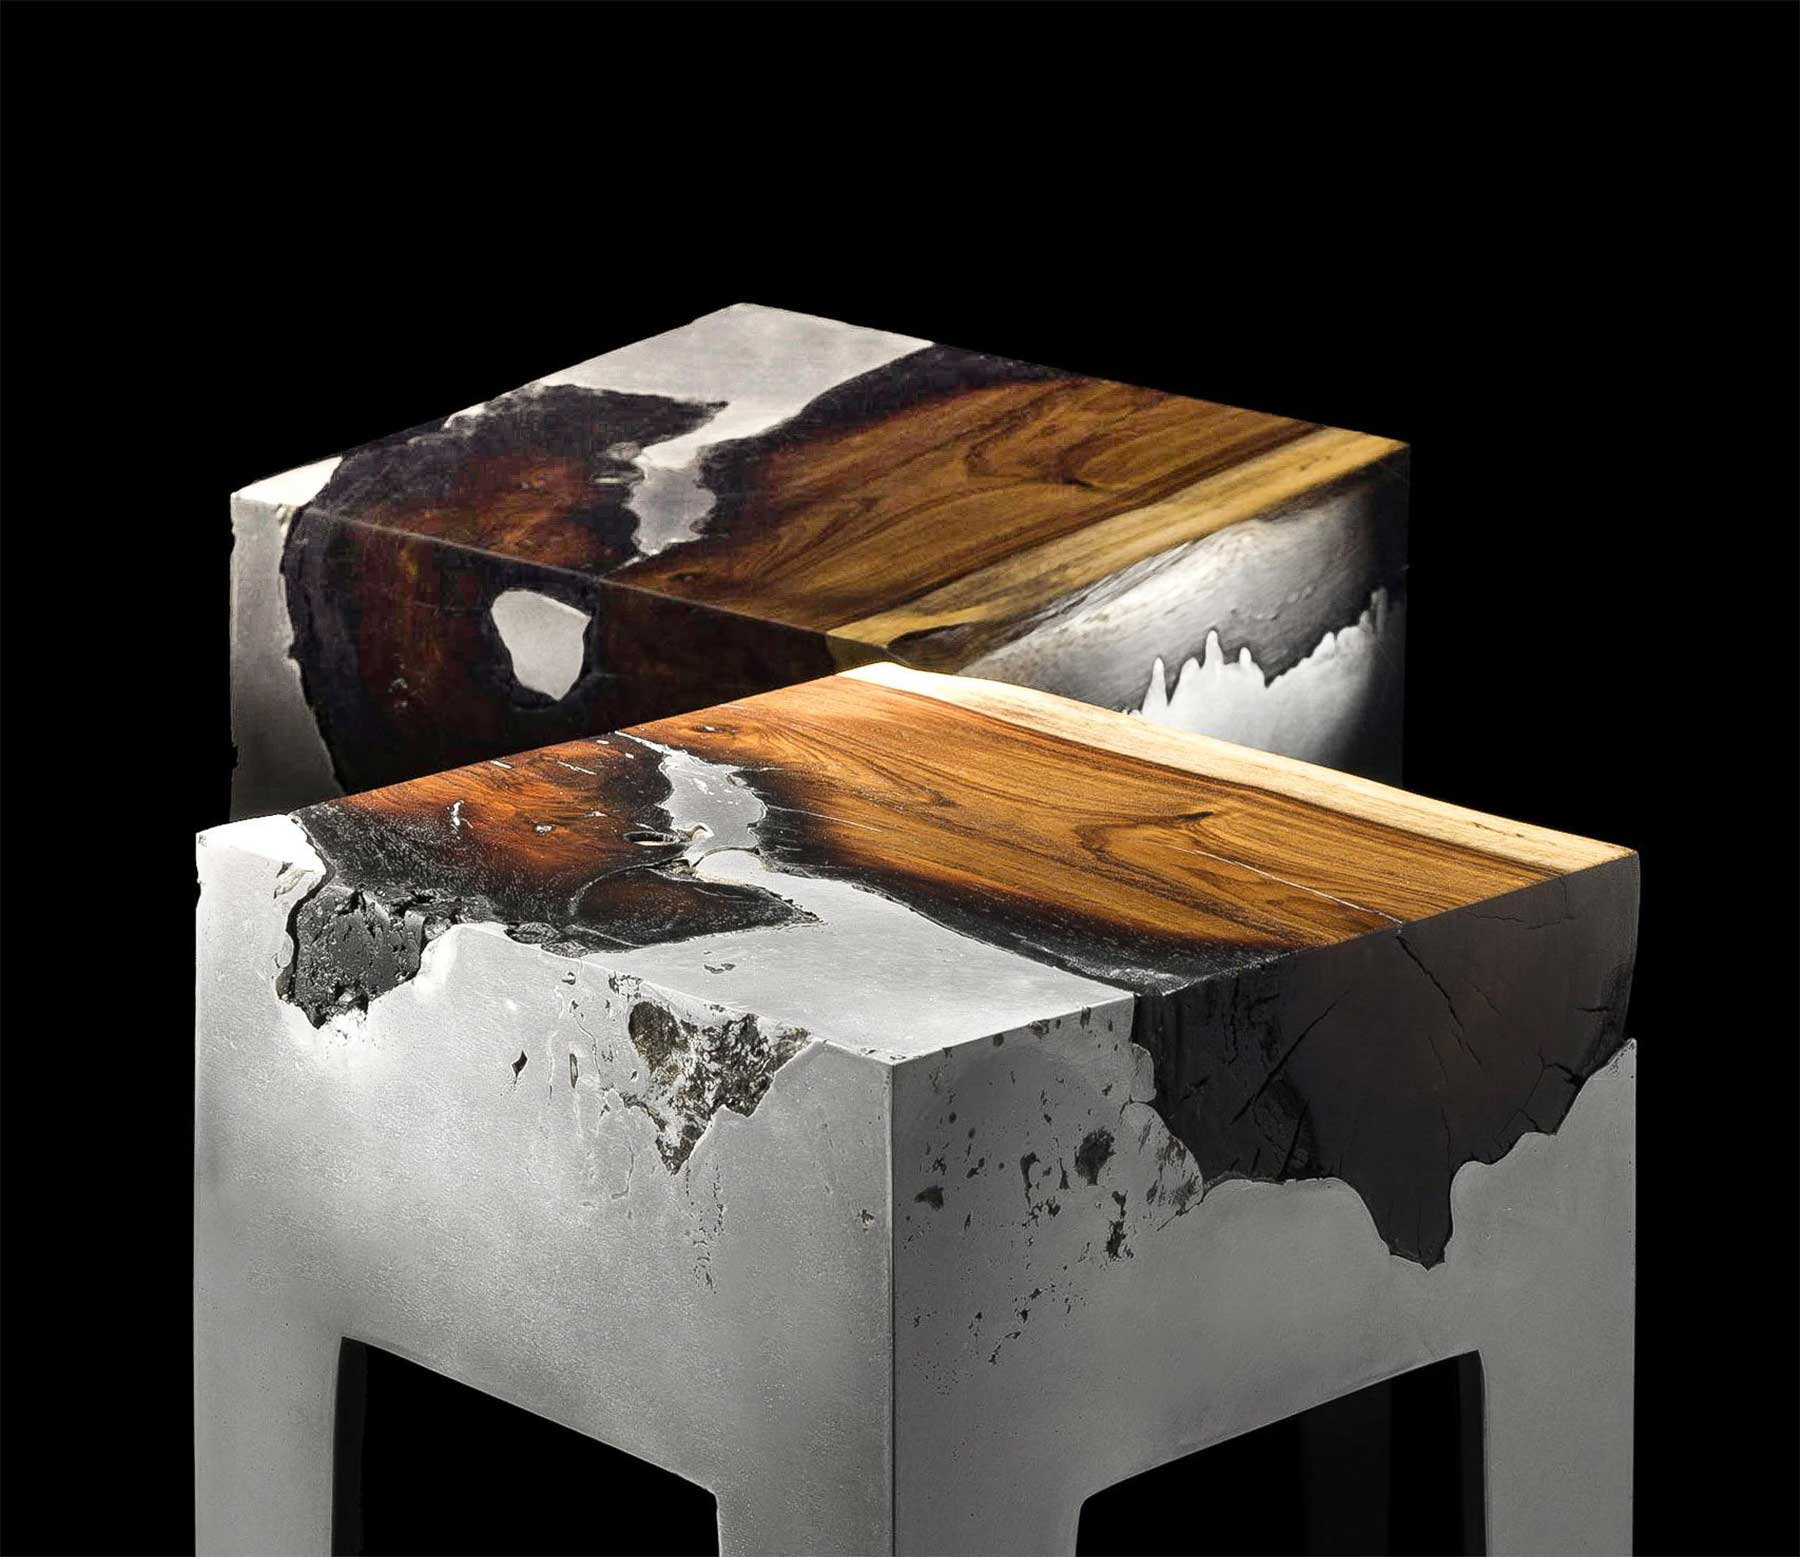 Aluminium-Holz-Möbel von Hilla Shamia Hilla-Shamia-design-studio_01